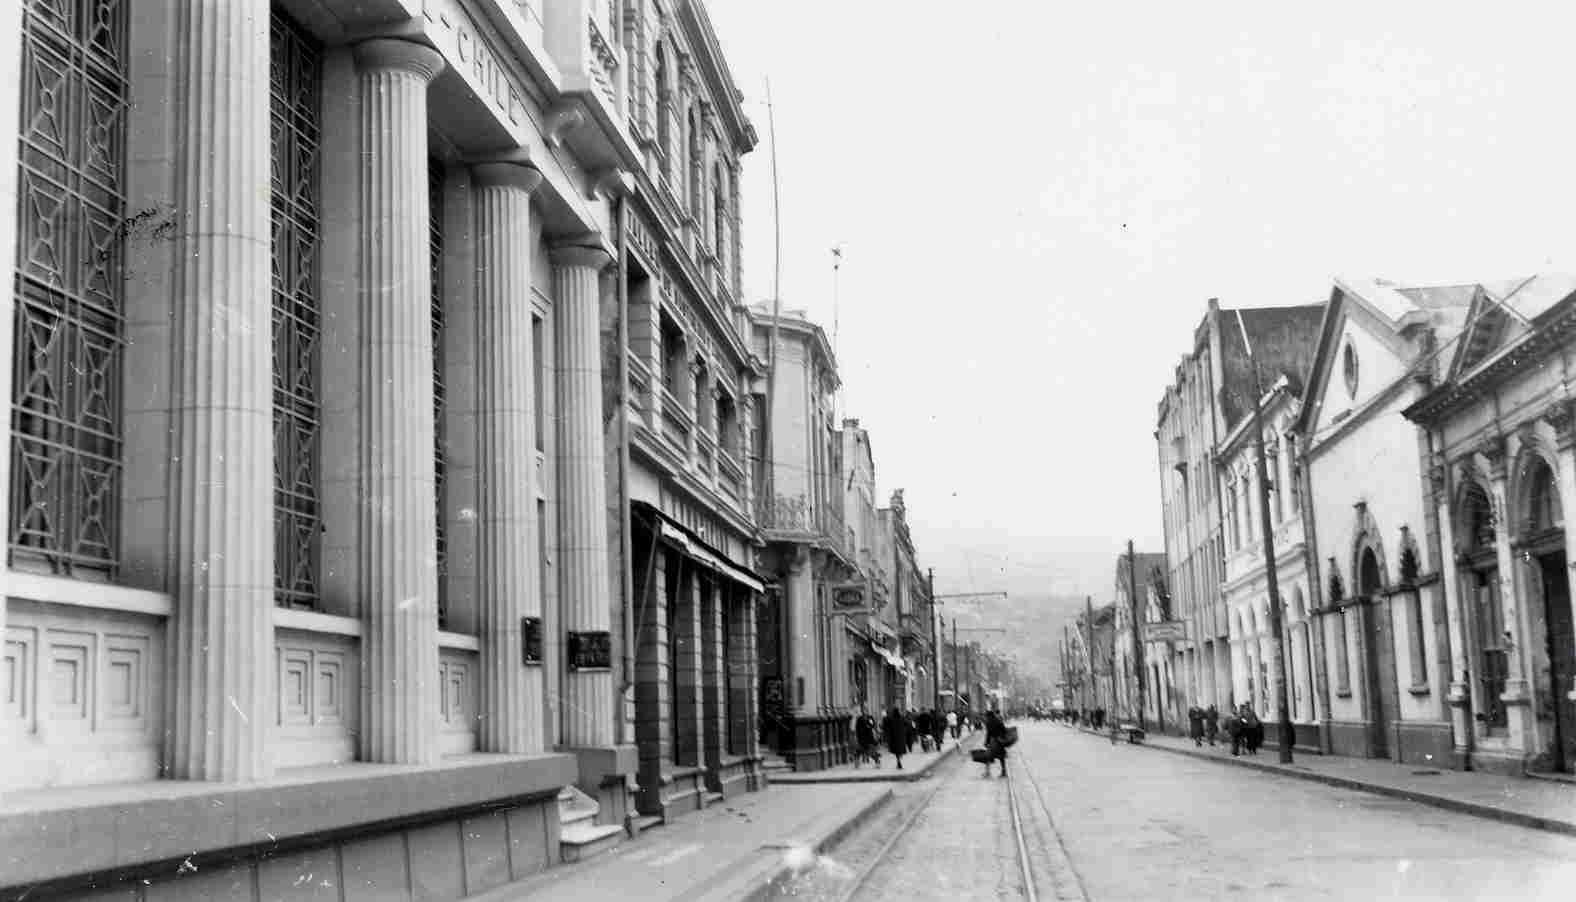 Enterreno - Fotos históricas de chile - fotos antiguas de Chile - Calle Colón de Talcahuano en 1957